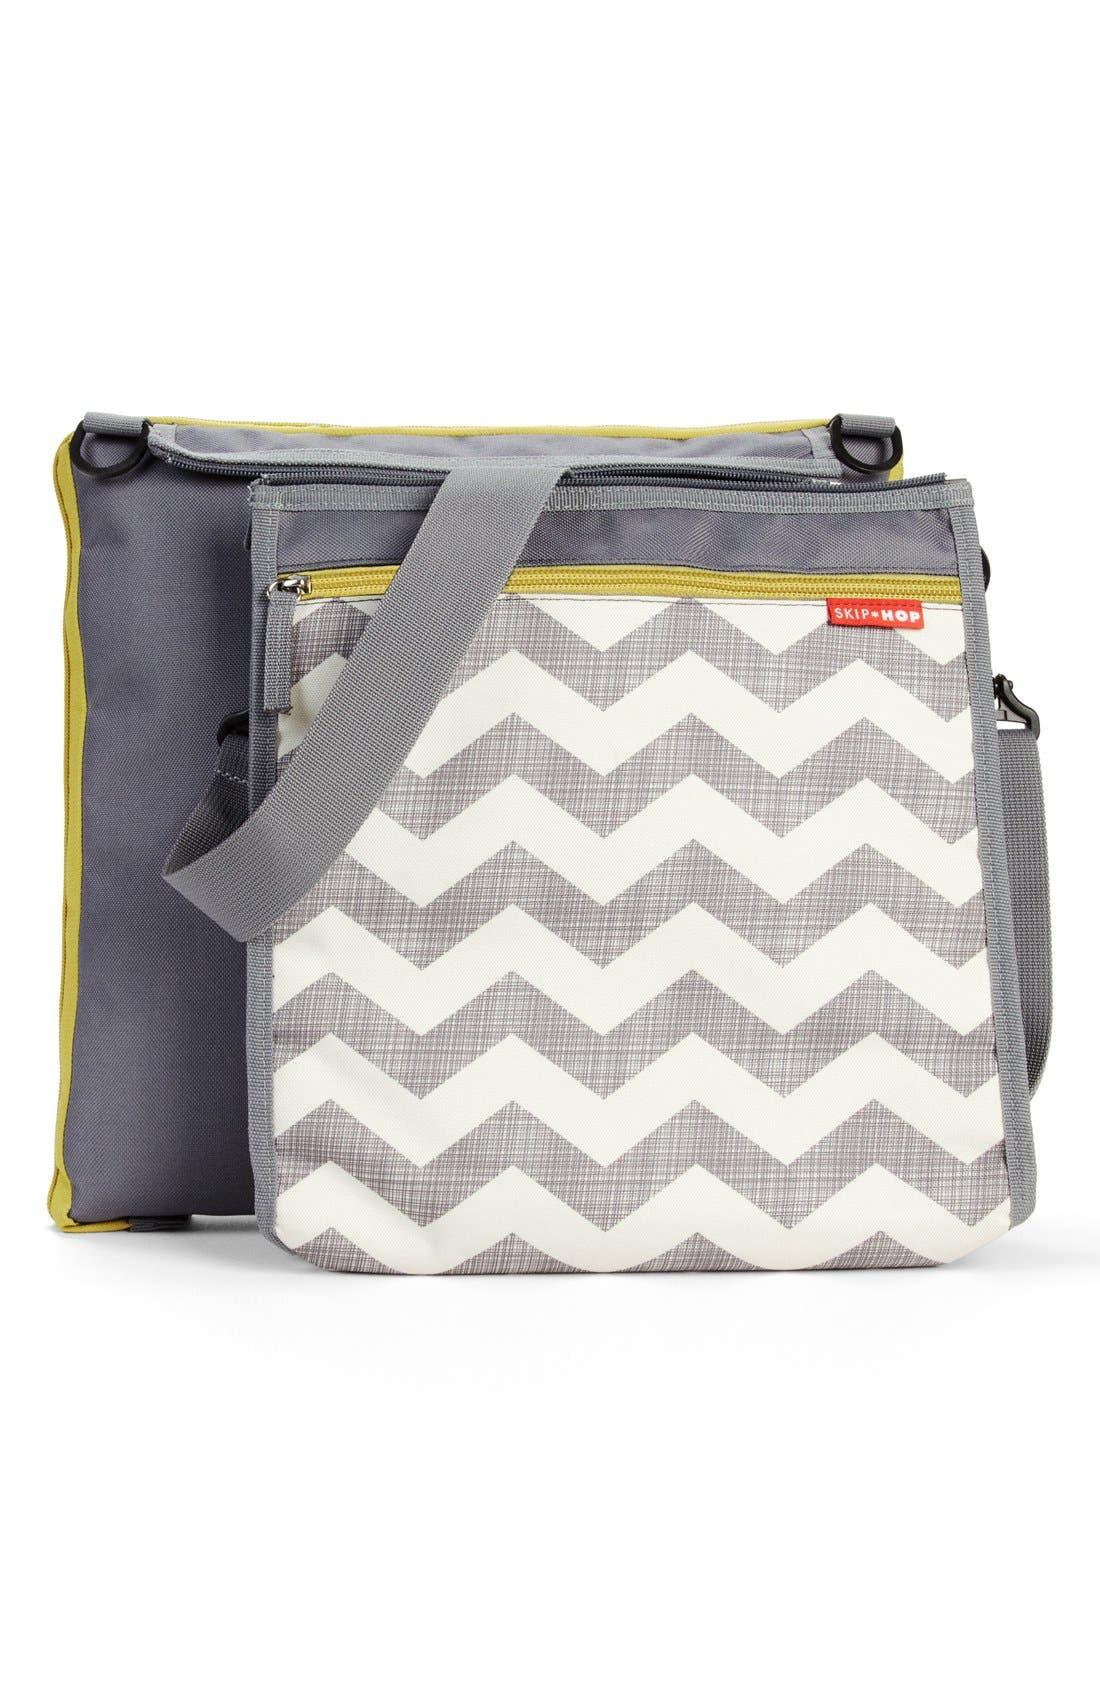 'Central Park' Outdoor Blanket & Cooler Bag,                         Main,                         color, 020